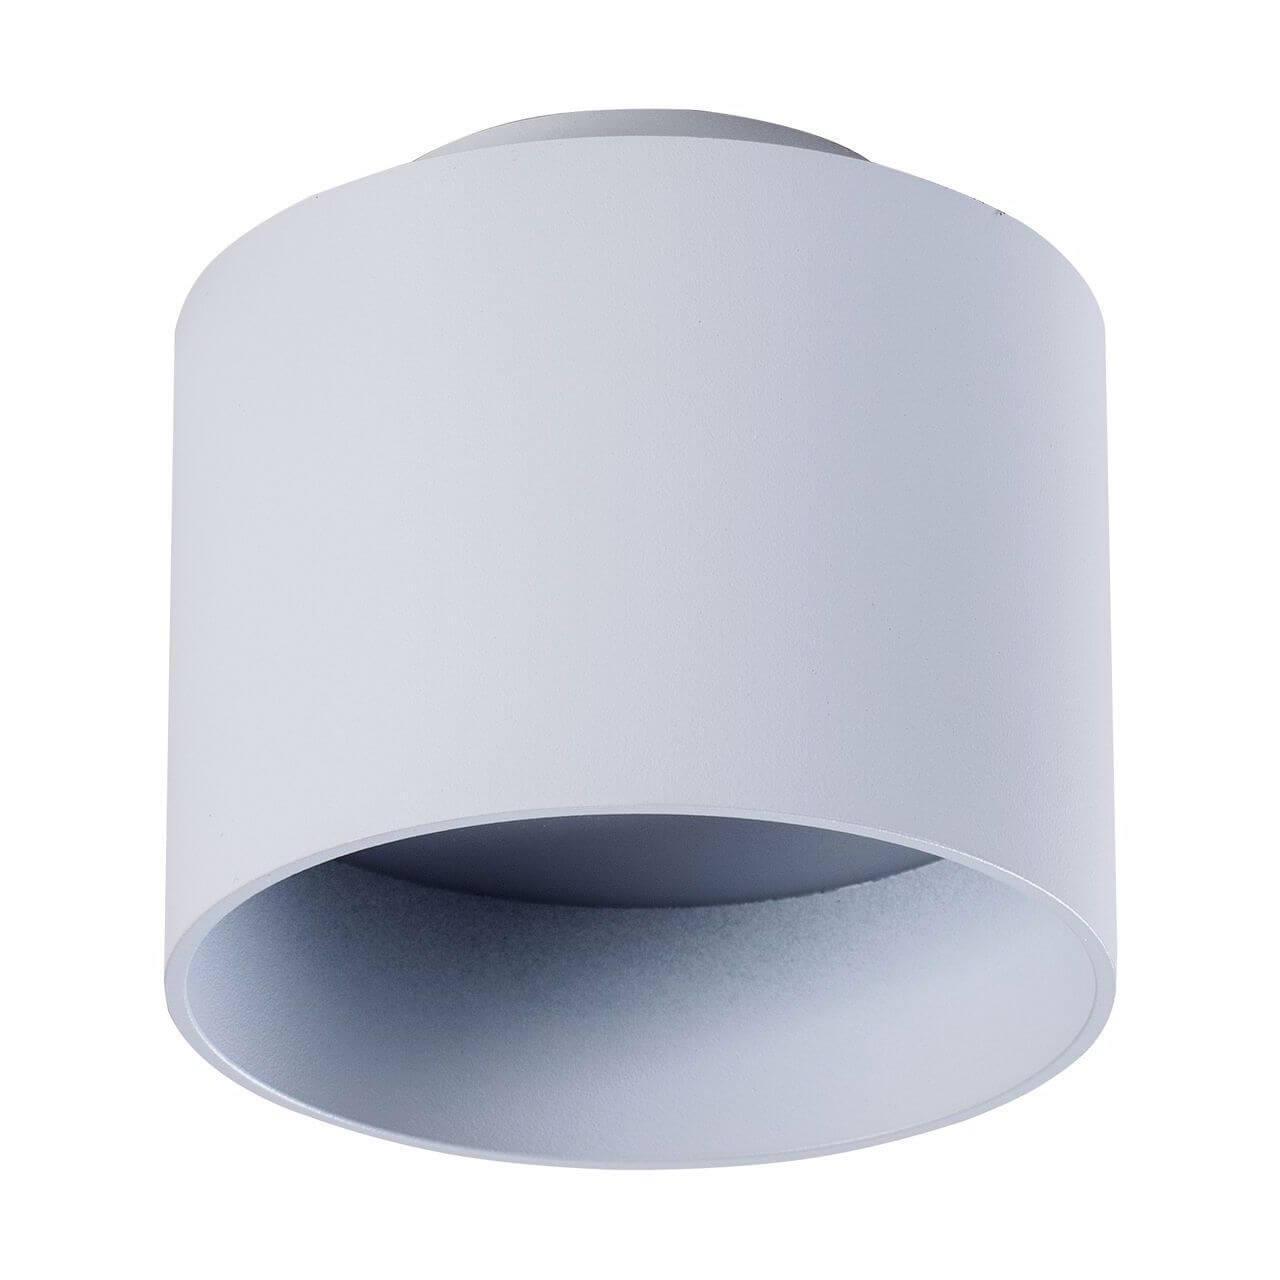 Накладной светильник Maytoni C009CW-L12W, LED, 12 Вт накладной светильник planet c009cw l16w